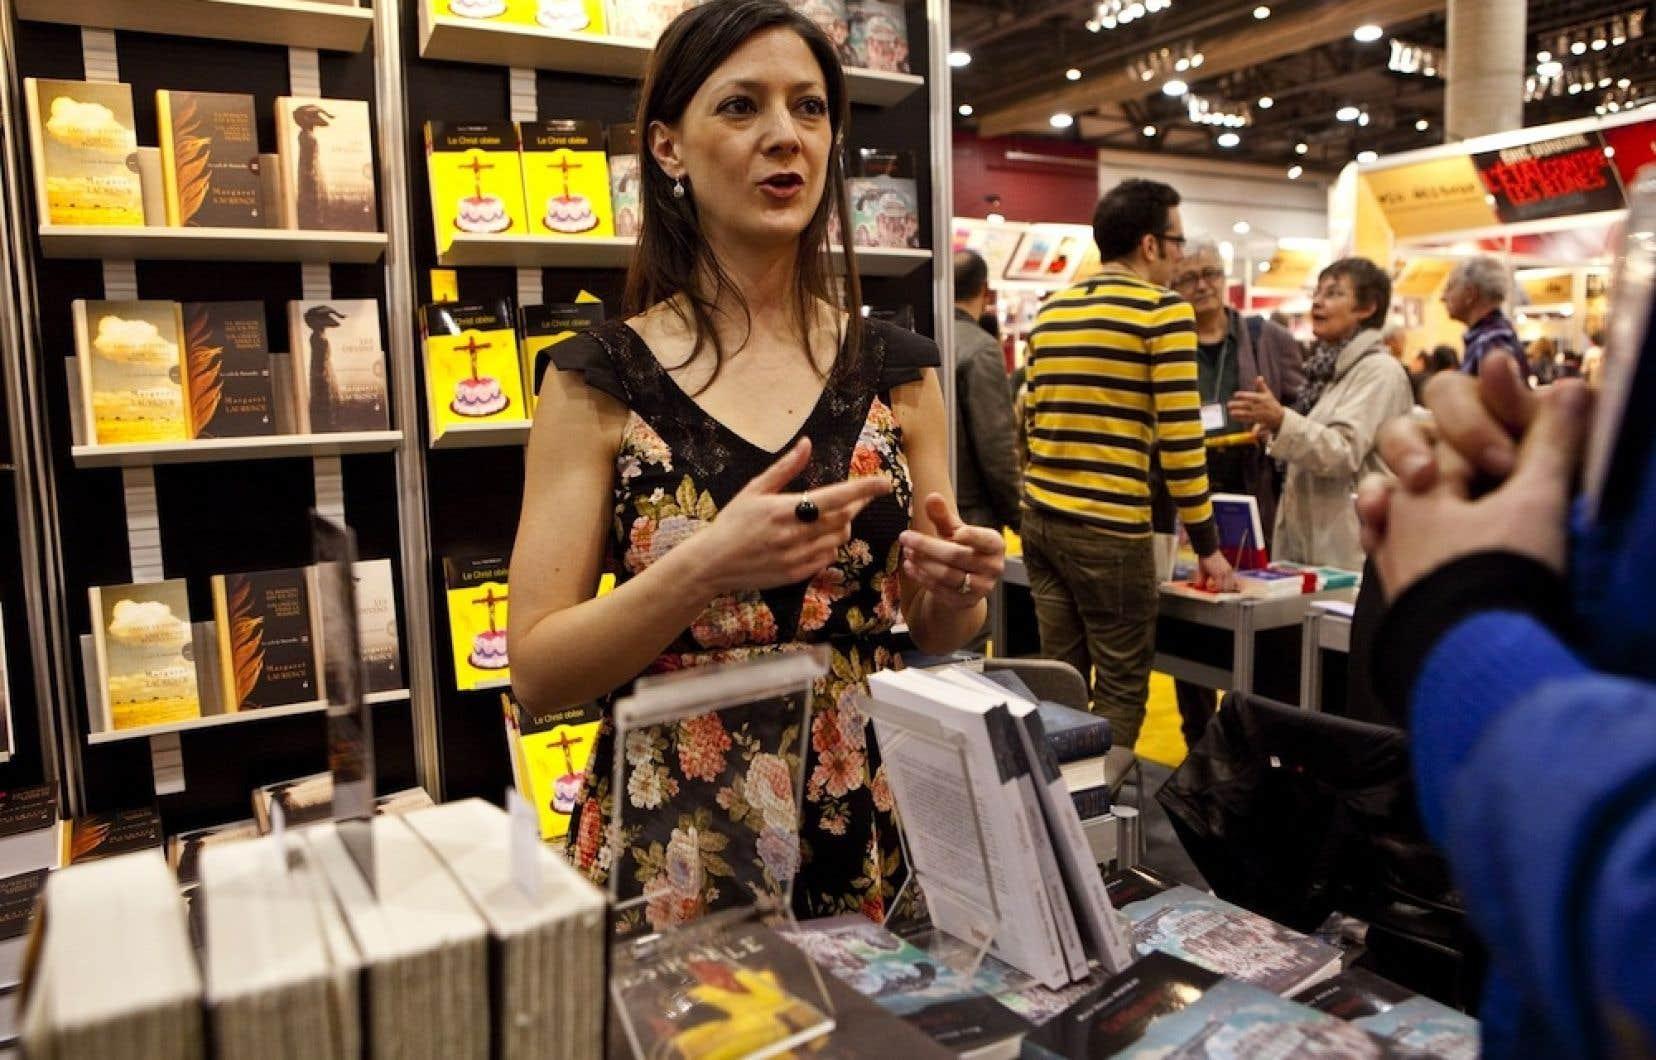 Marie Hélène Poitras avait remporté le prix Anne-Hébert pour son premier roman, Soudain le Minotaure (2002). Son plus récent roman, Griffintown (Alto), se veut un « western spaghetti sauce urbaine » se déroulant dans ce secteur de Montréal.